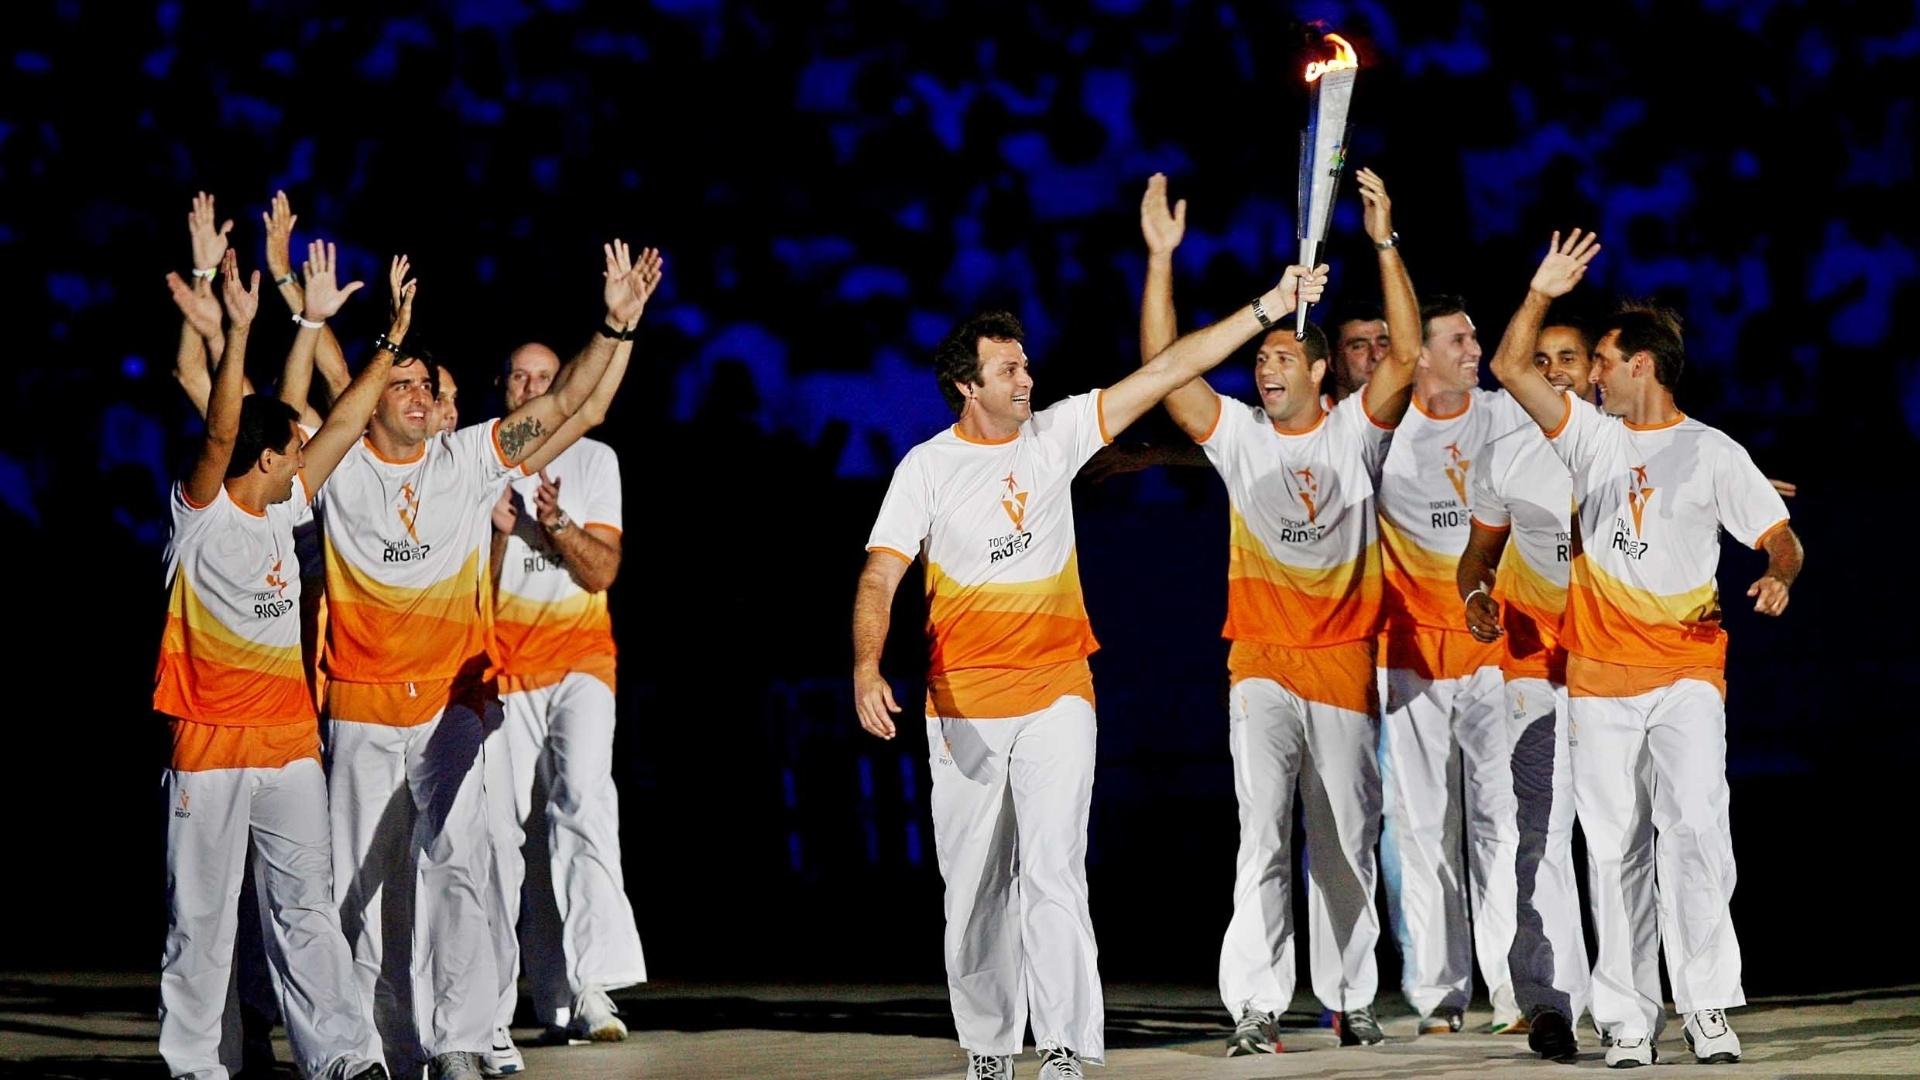 No Pan de 2007, os campeões olímpicos do vôlei em Barcelona-1992 foram convidados a carregar a tocha pan-americana na cerimônia de abertura no Maracanã (13/07/2007)